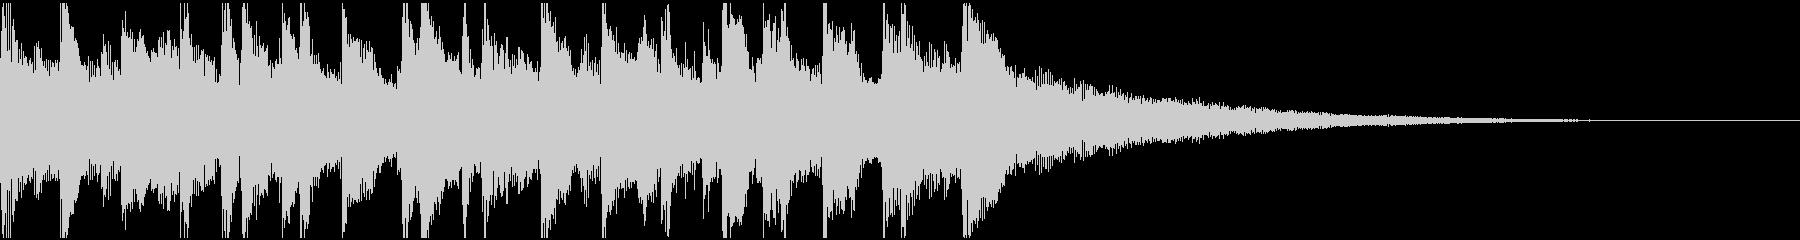 15秒ウクレレ、リコーダーの楽しい楽曲Bの未再生の波形